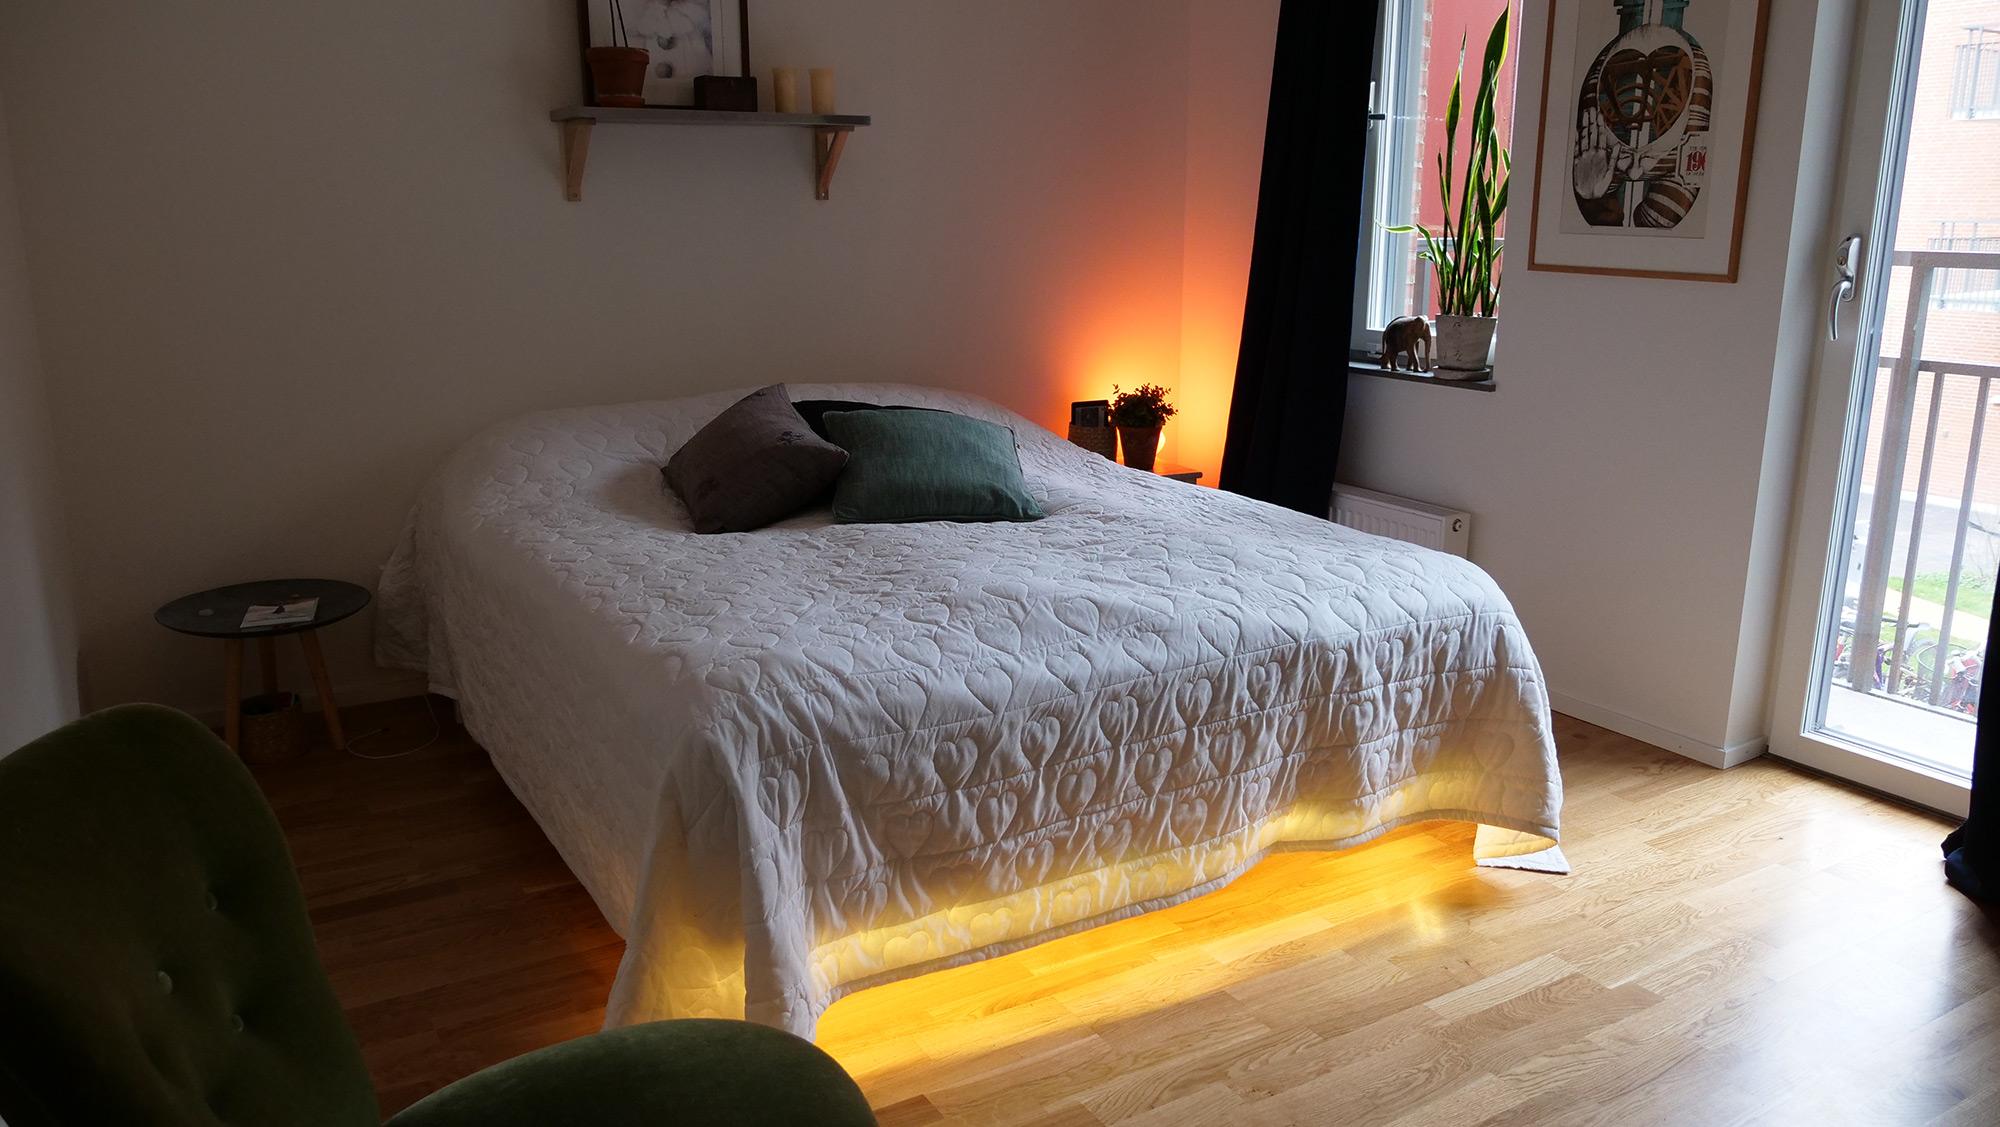 visst kan det definieras som lyx men jag skulle inte kalla kompletterande smart belysning som. Black Bedroom Furniture Sets. Home Design Ideas